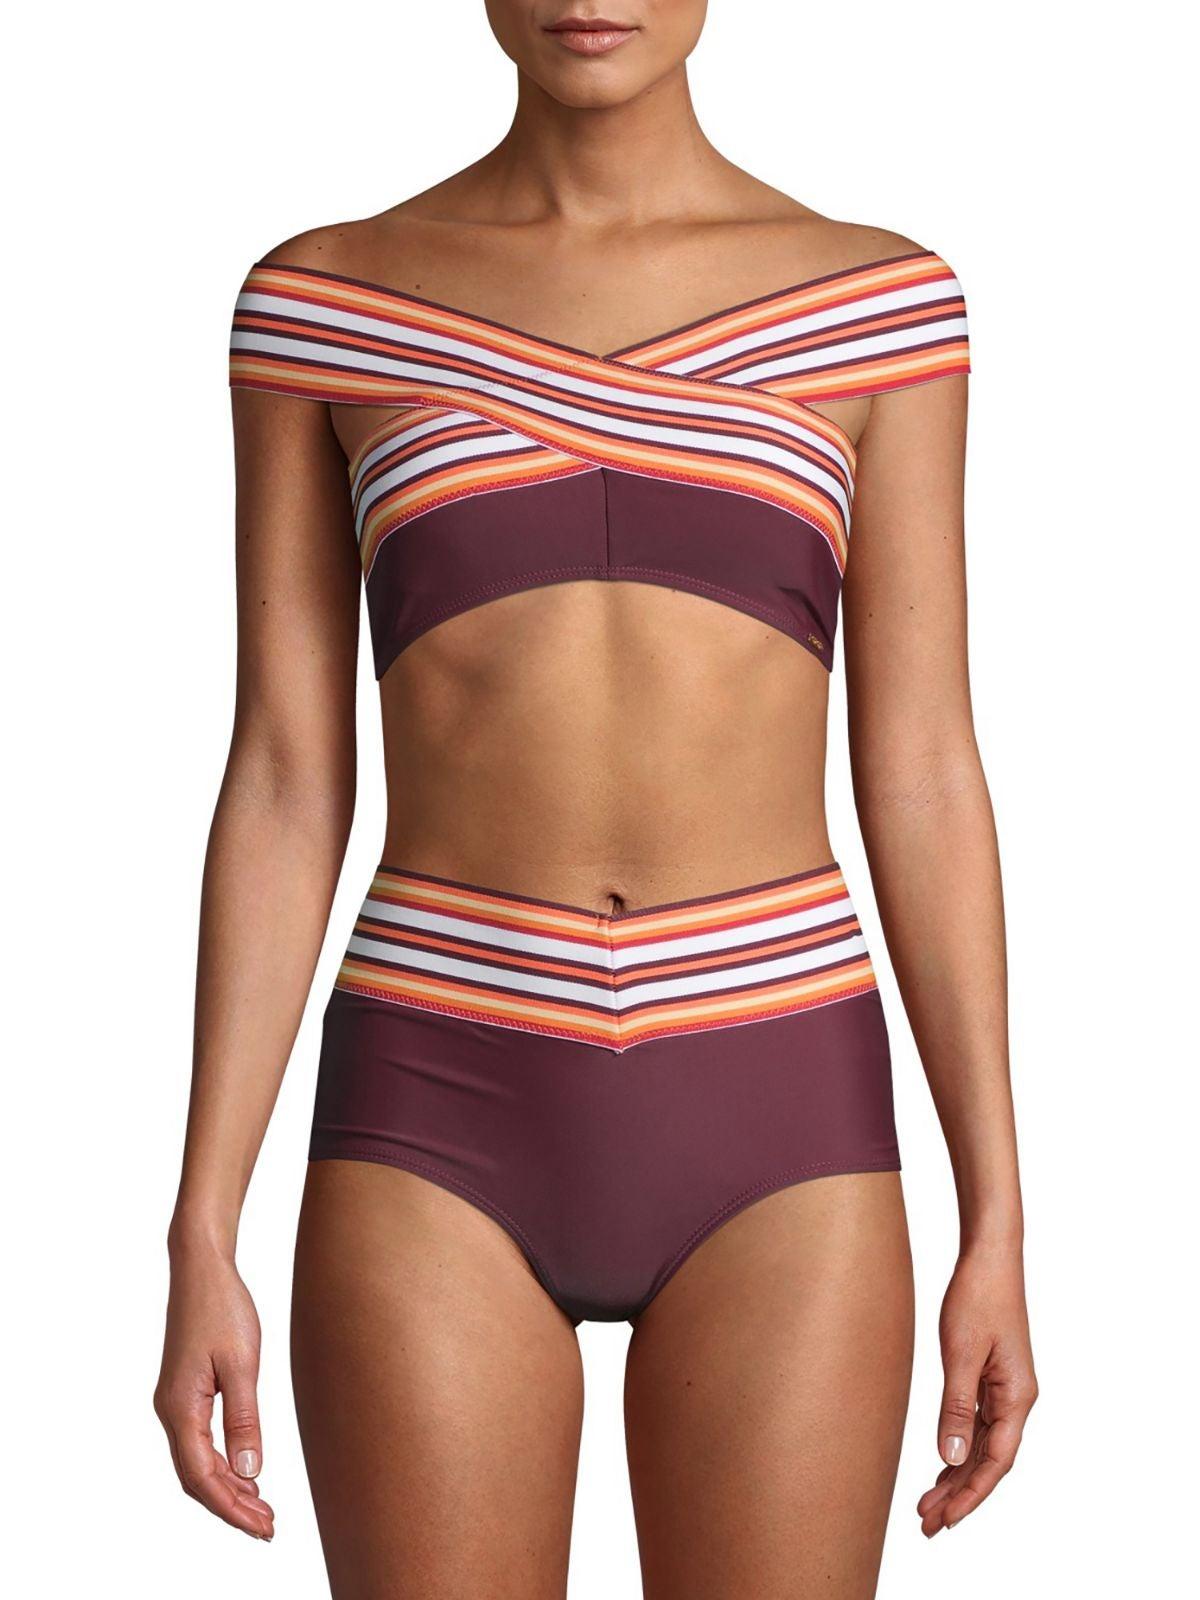 XOXO bathing suit